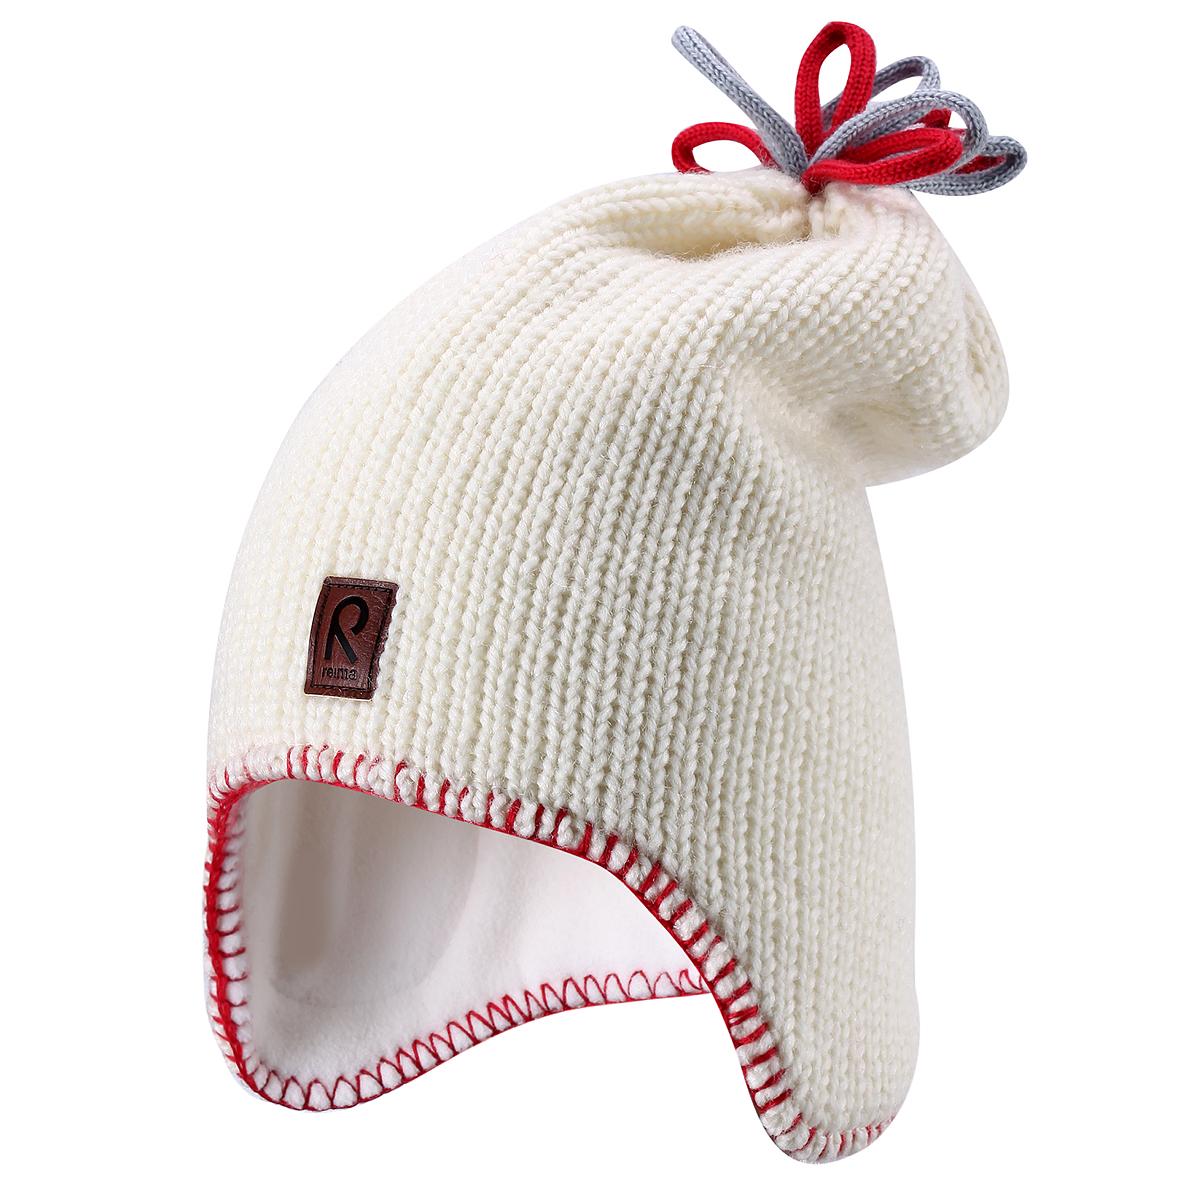 Шапка детская Lodestar. 528327528327_7890Комфортная детская шапка Reima Lodestar идеально подойдет для прогулок в холодное время года. Вязаная шапка с ветрозащитными вставками в области ушей, выполненная из шерстяной пряжи, максимально сохраняет тепло, она мягкая и идеально прилегает к голове. Шерсть хорошо тянется и устойчива к сминанию. Мягкая подкладка выполнена из флиса, поэтому шапка хорошо сохраняет тепло и обладает отличной гигроскопичностью (не впитывает влагу, но проводит ее). Удлиненная шапка на макушке дополнена цветными декоративными петельками, оформлена по краю контрастной нитью и спереди небольшой нашивкой из искусственной кожи с названием бренда. Оригинальный дизайн и яркая расцветка делают эту шапку модным и стильным предметом детского гардероба. В ней ваш ребенок будет чувствовать себя уютно и комфортно и всегда будет в центре внимания! Уважаемые клиенты! Размер, доступный для заказа, является обхватом головы ребенка.